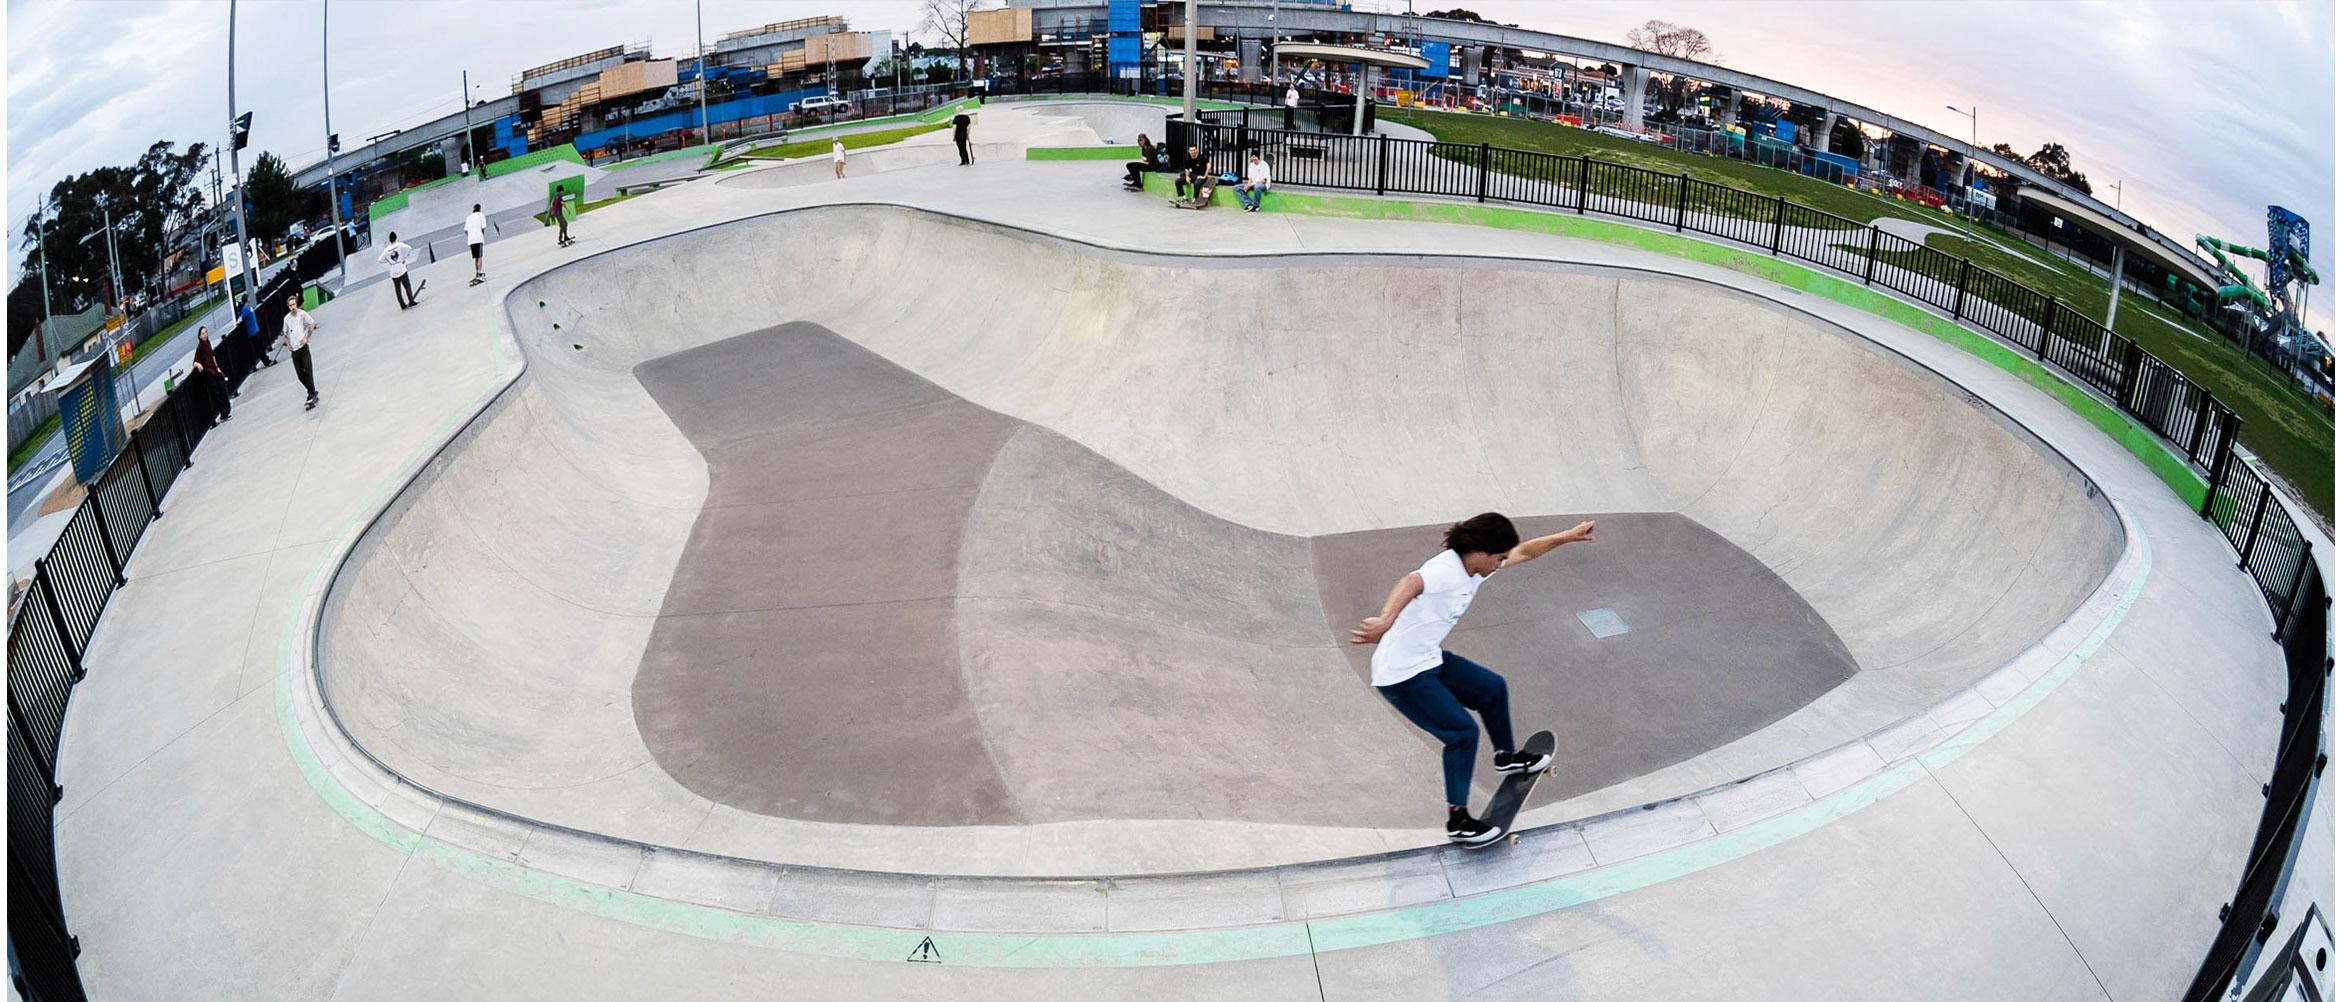 Nixen Osborne fs grind Noble Park skate park big bowl